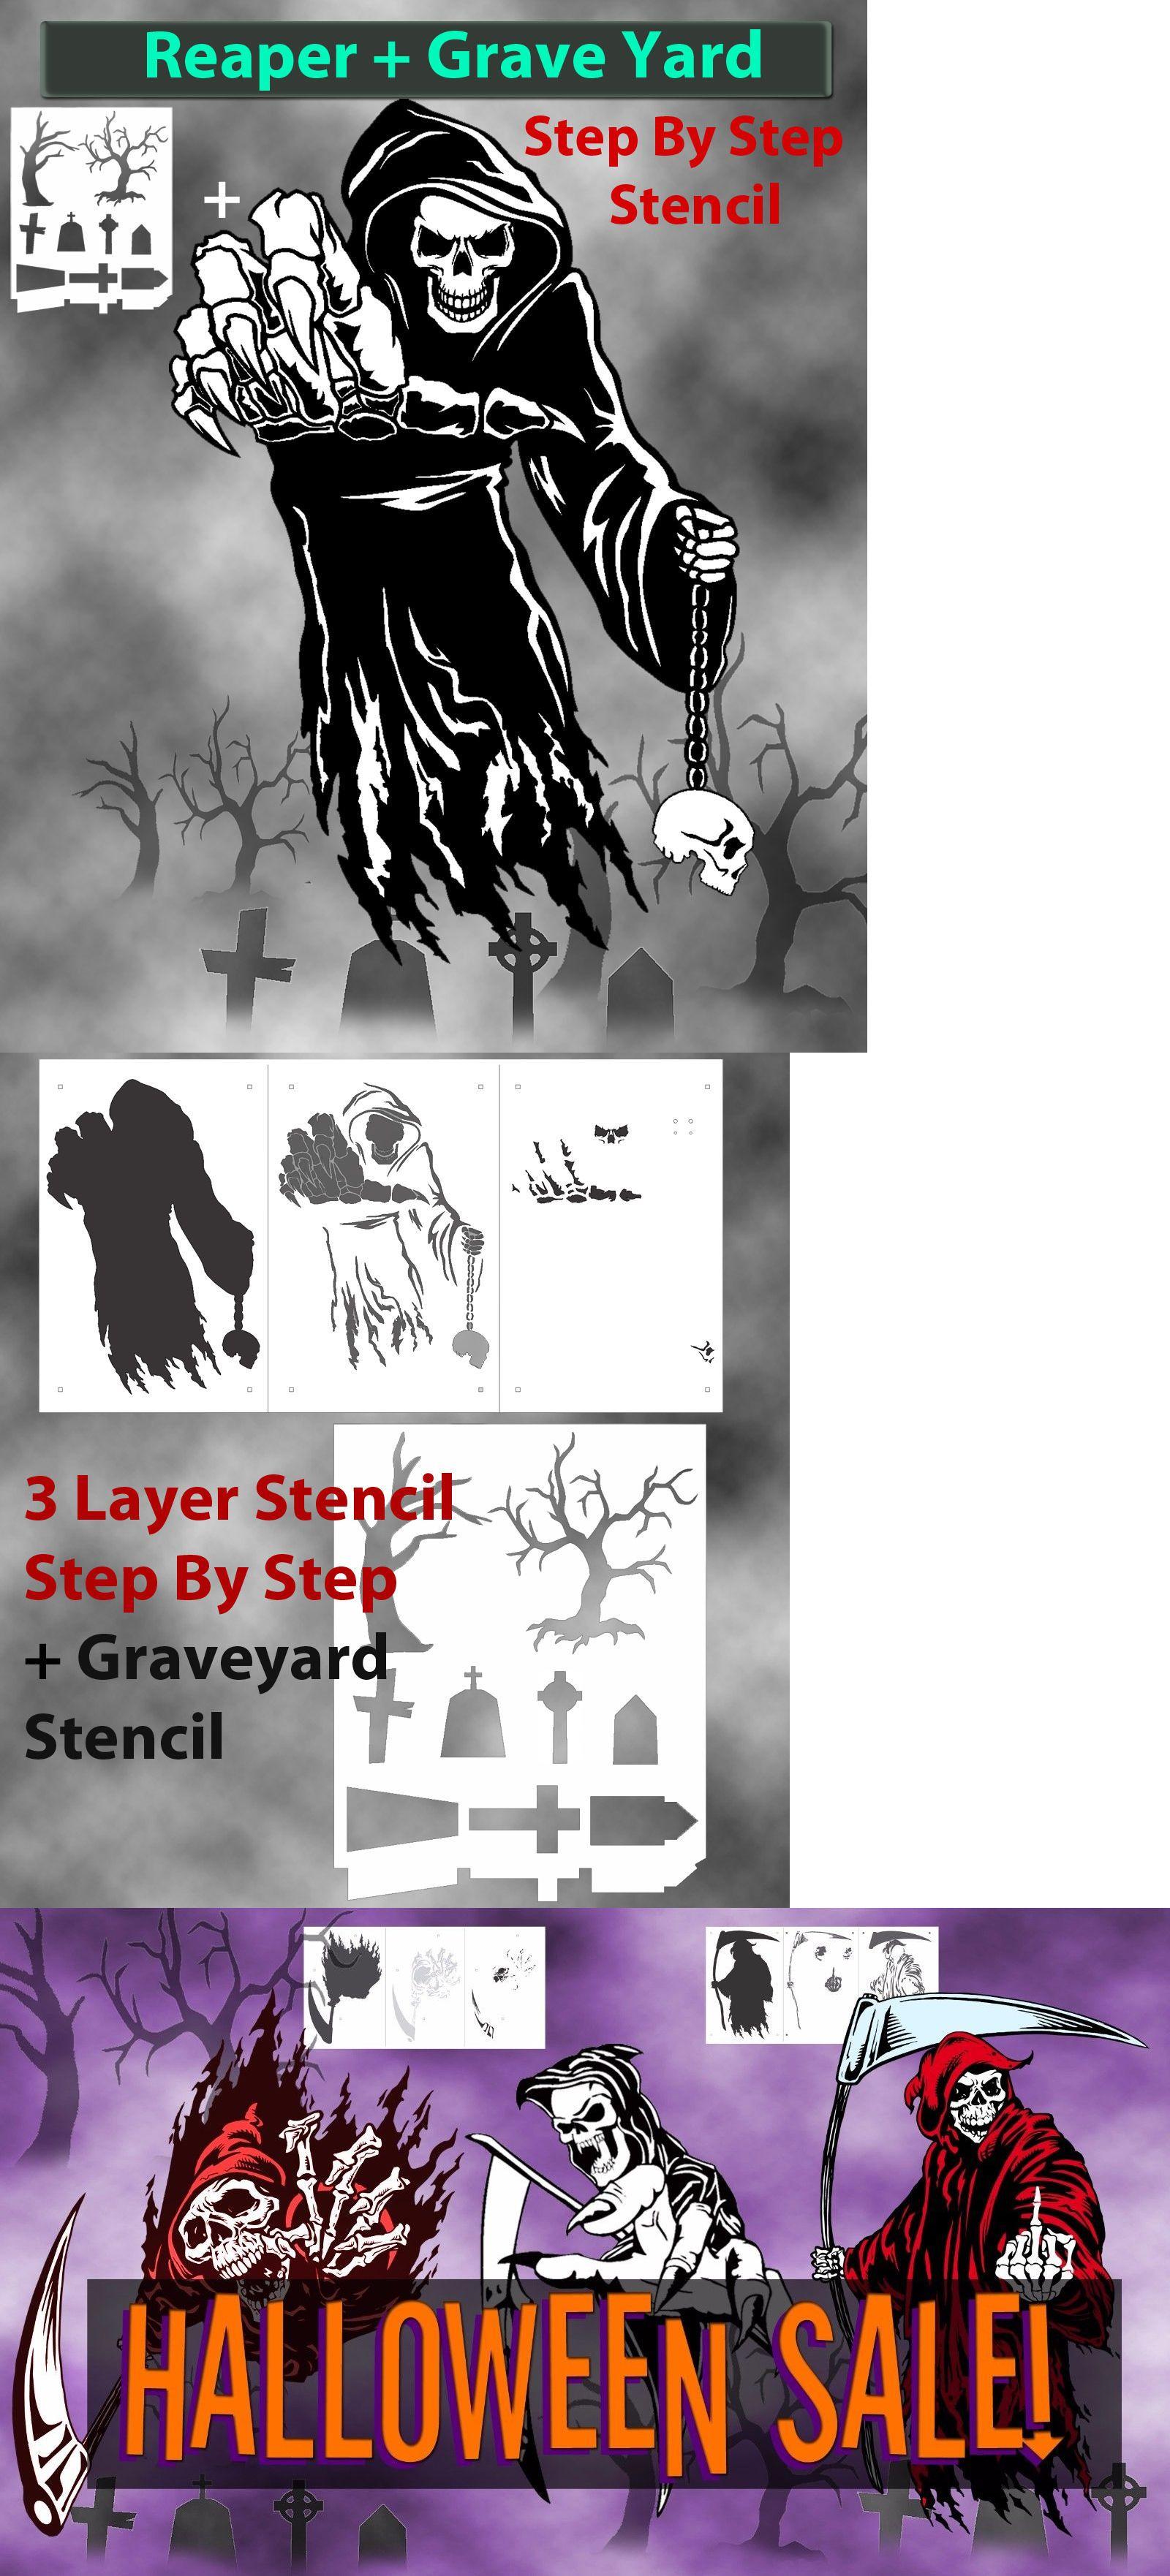 Stencils and Templates 183185: Grim Reaper 11 Airbrush Stencil Multi ...